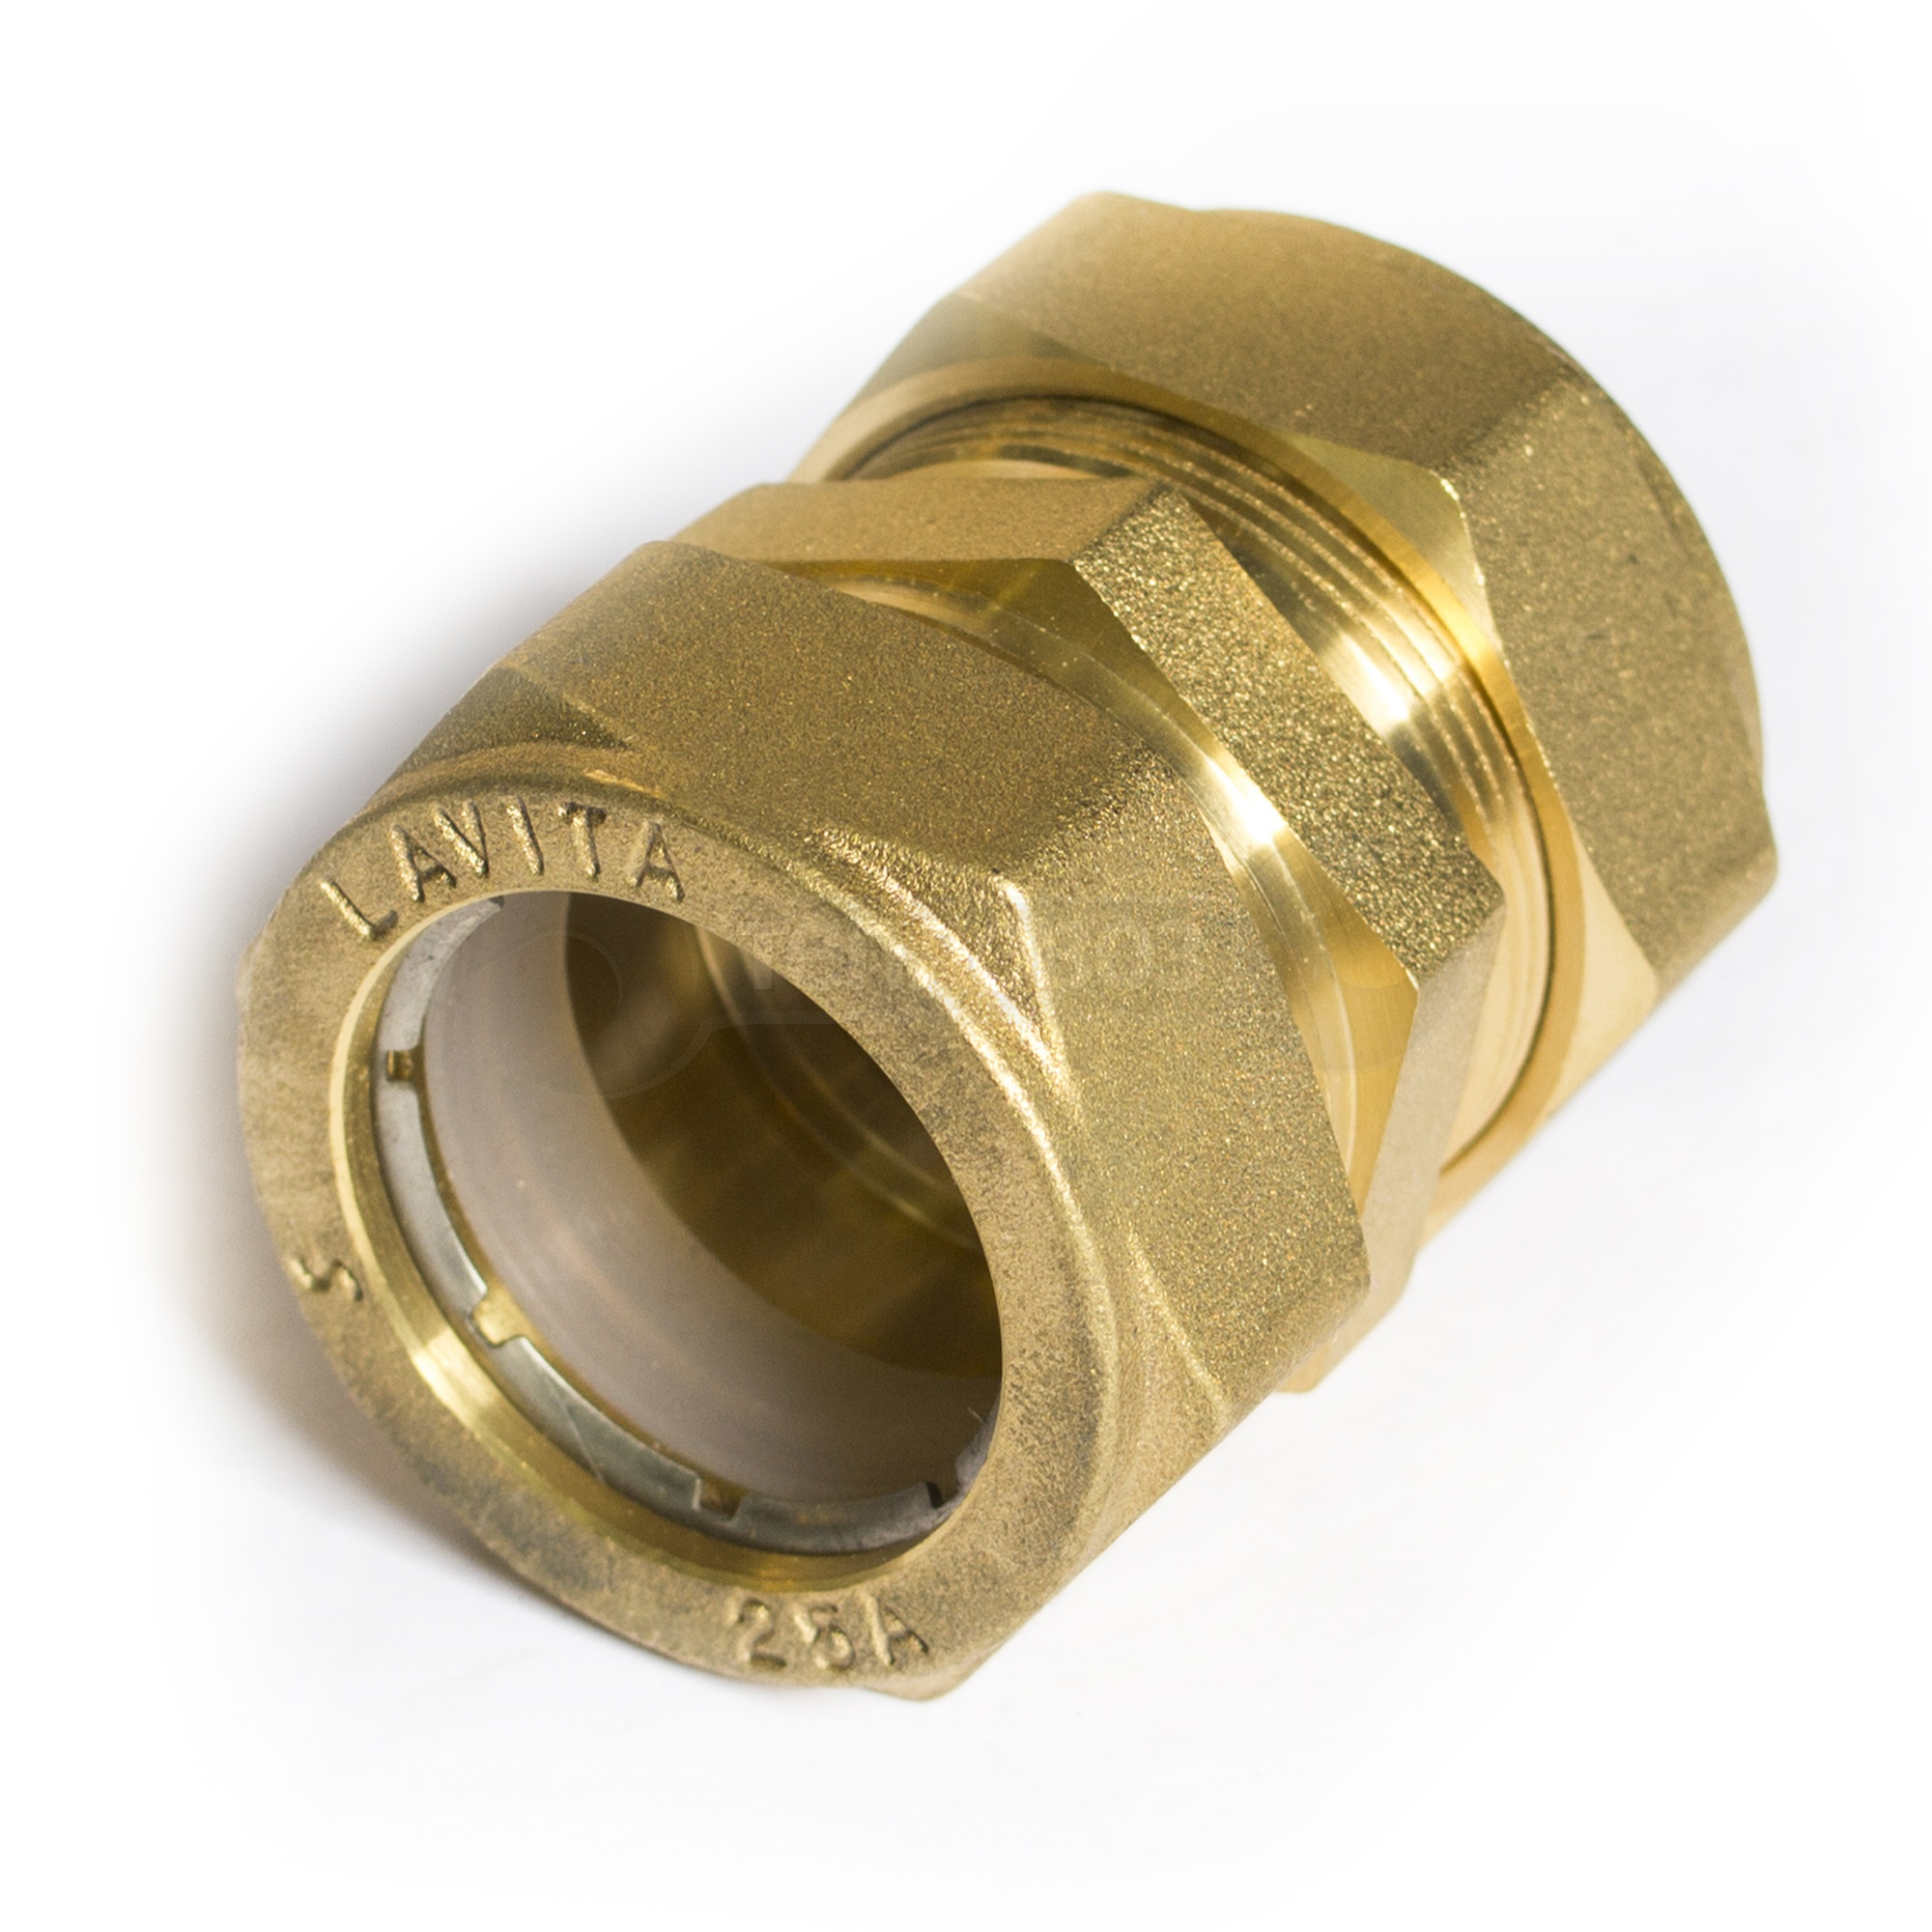 Купить Lavita C/P,25х25 мм в интернет-магазине Дождь